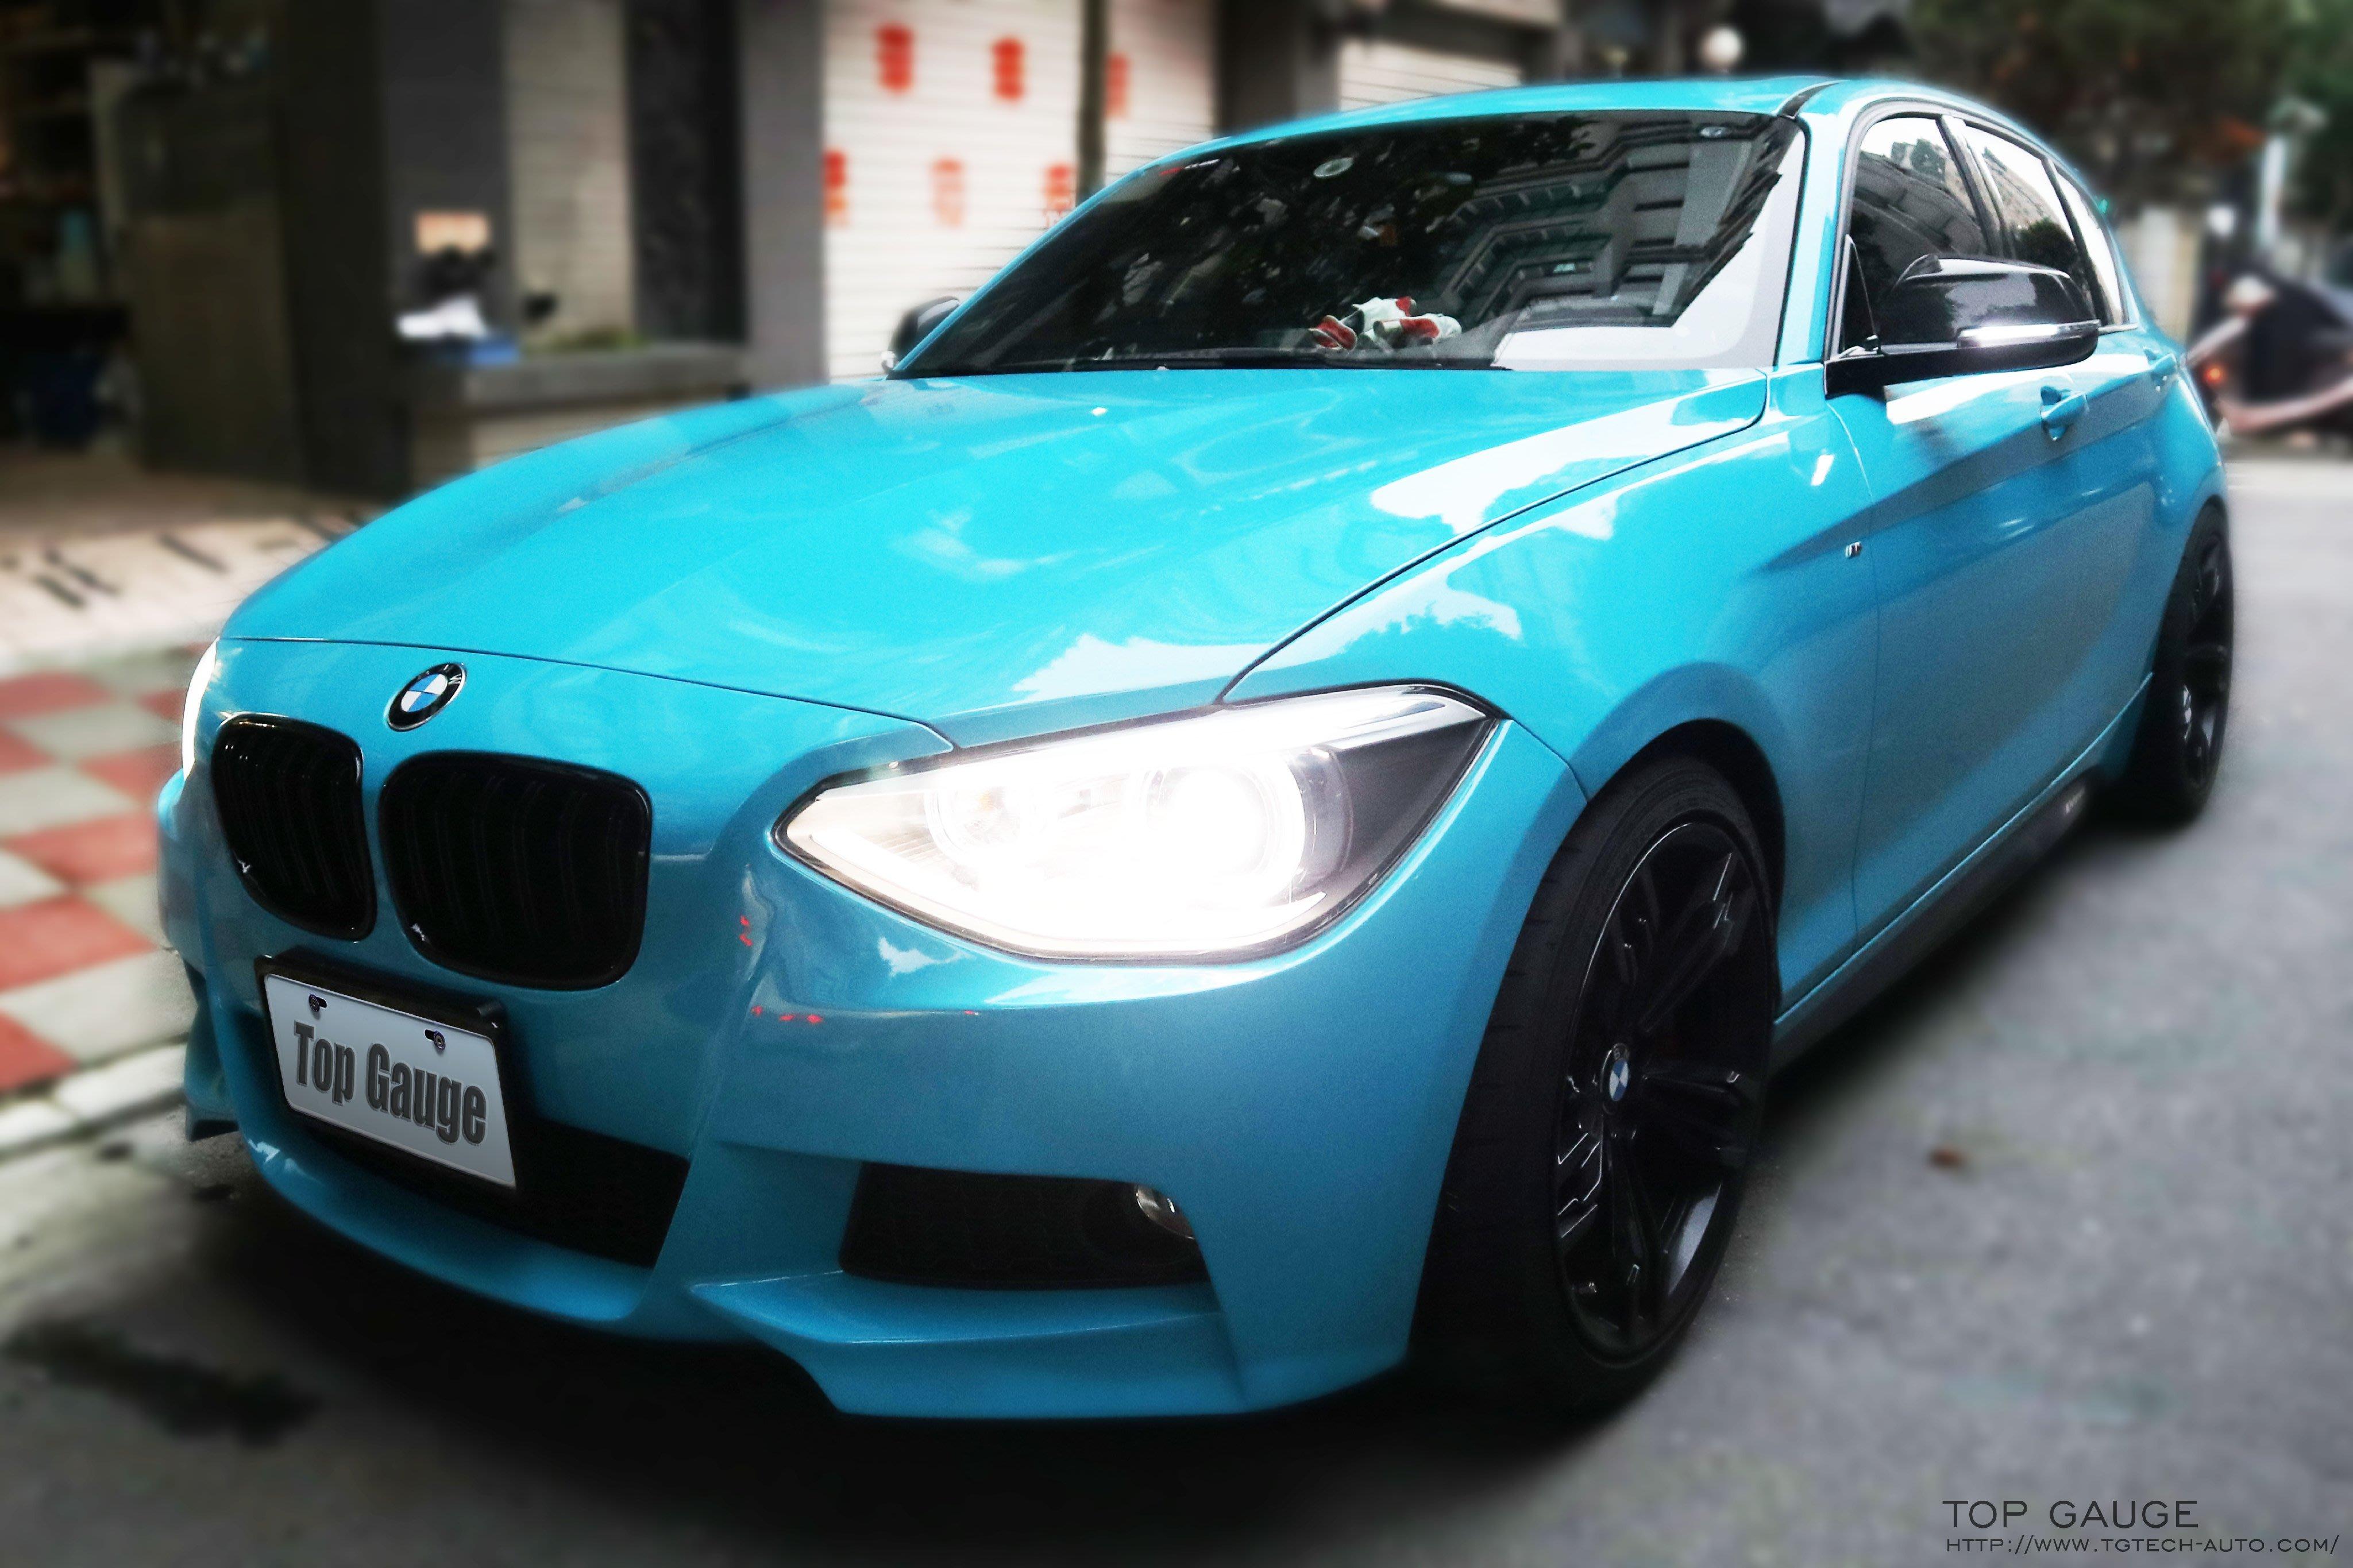 【精宇科技BMW F10 F20 F30 118 120 320 328 520 528 多功能二合一水溫電壓錶OBD2